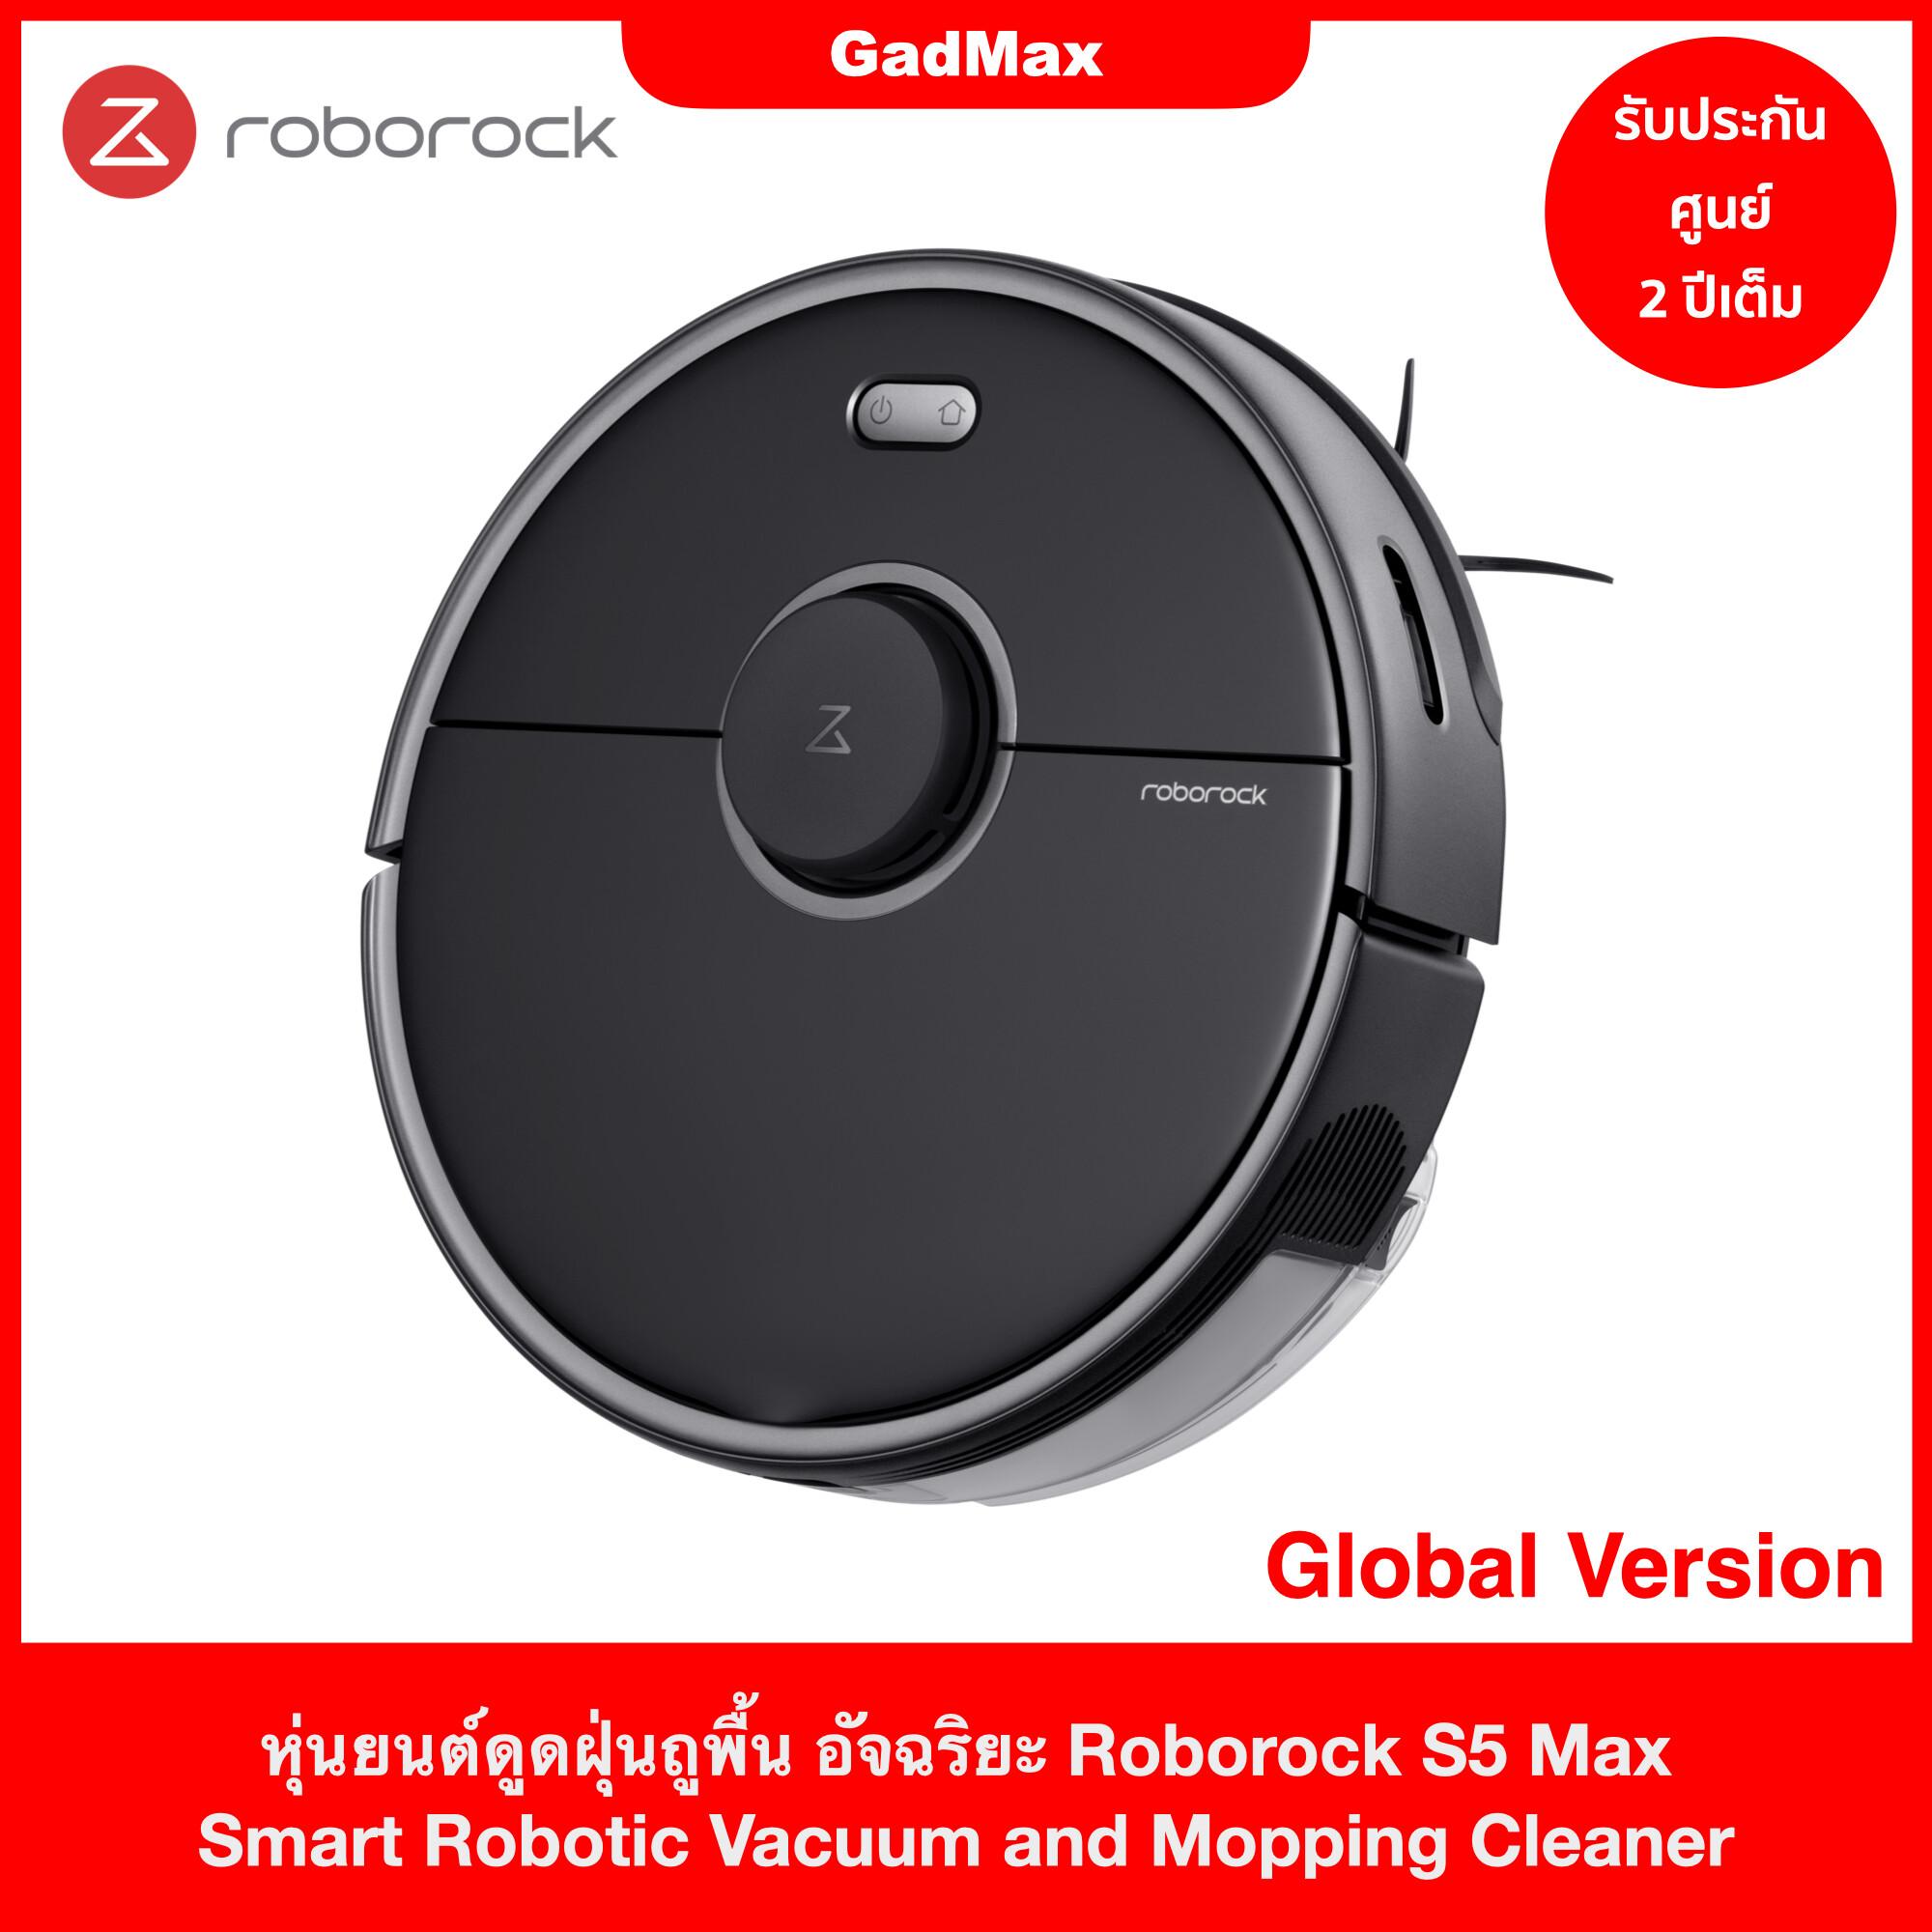 [รับประกัน 2 ปีเต็มกับศูนย์ Roborock Care] หุ่นยนต์ดูดฝุ่น ถูพื้น Roborock S5 MAX รุ่นใหม่ล่าสุด เชื่อมต่อแอพ Roborock ได้ - GadMax